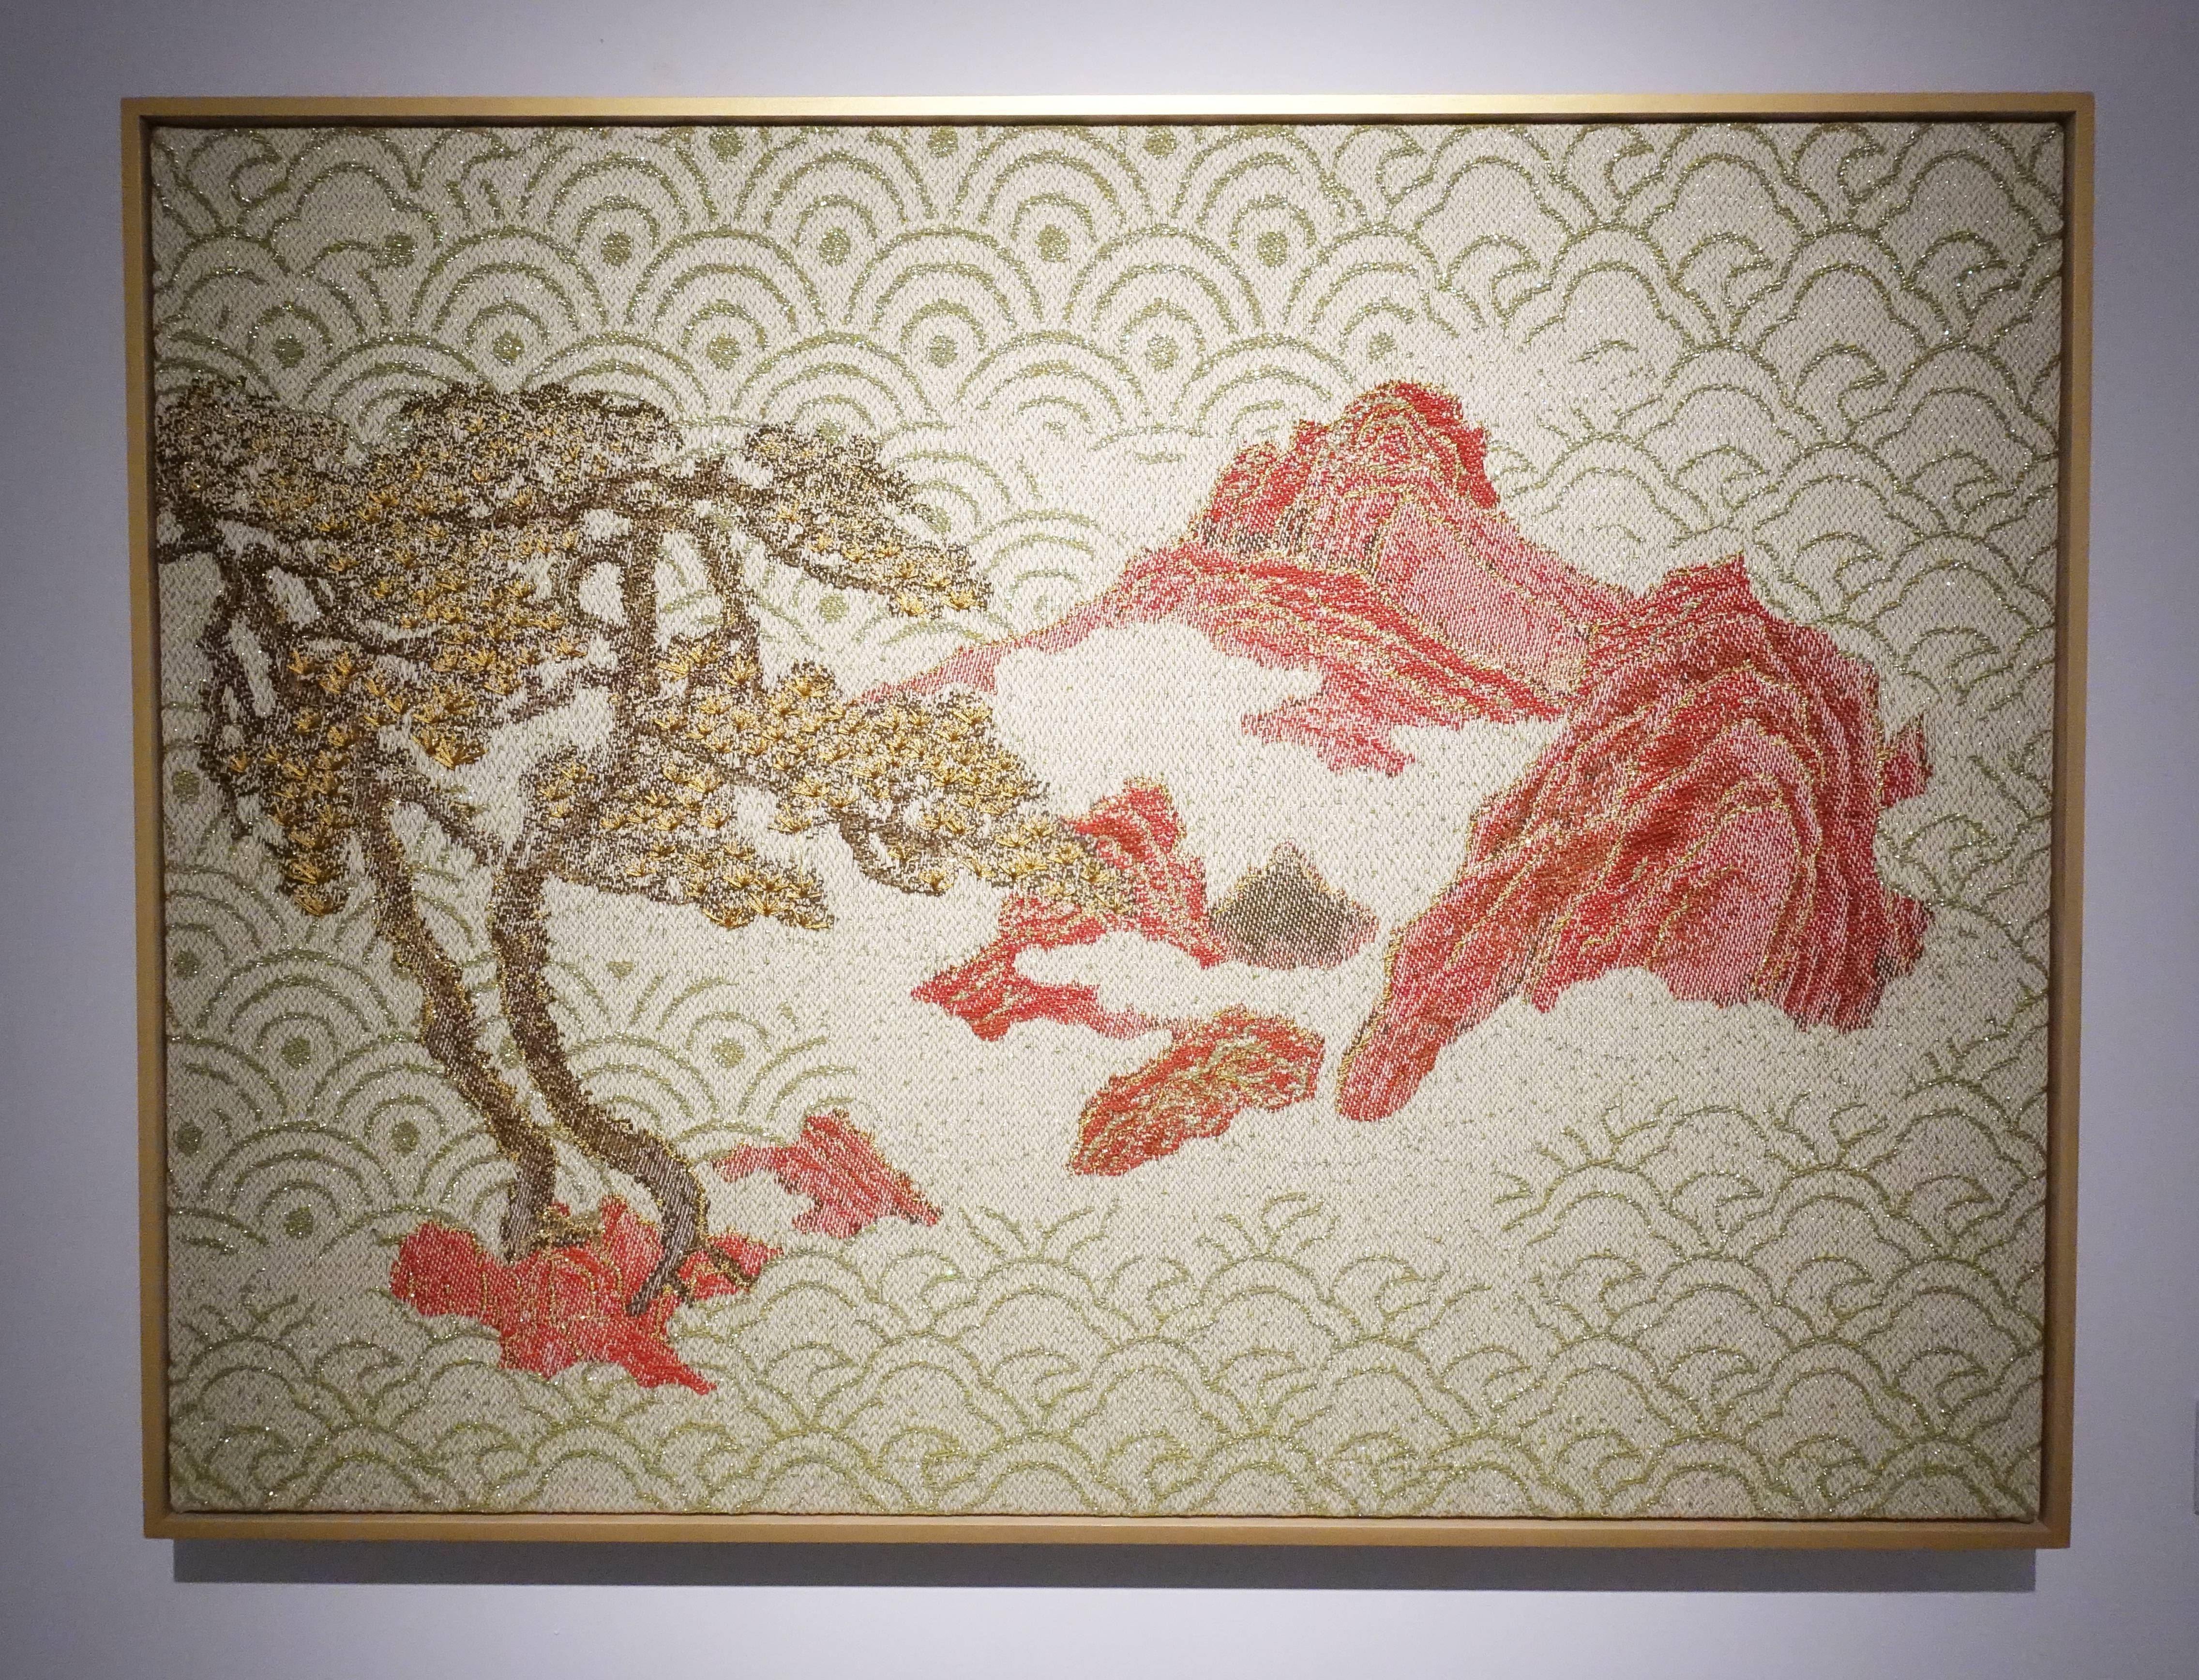 李偵綾,《迎客松》,66 x 90 cm,棉、人造纖維、亮片,2018。